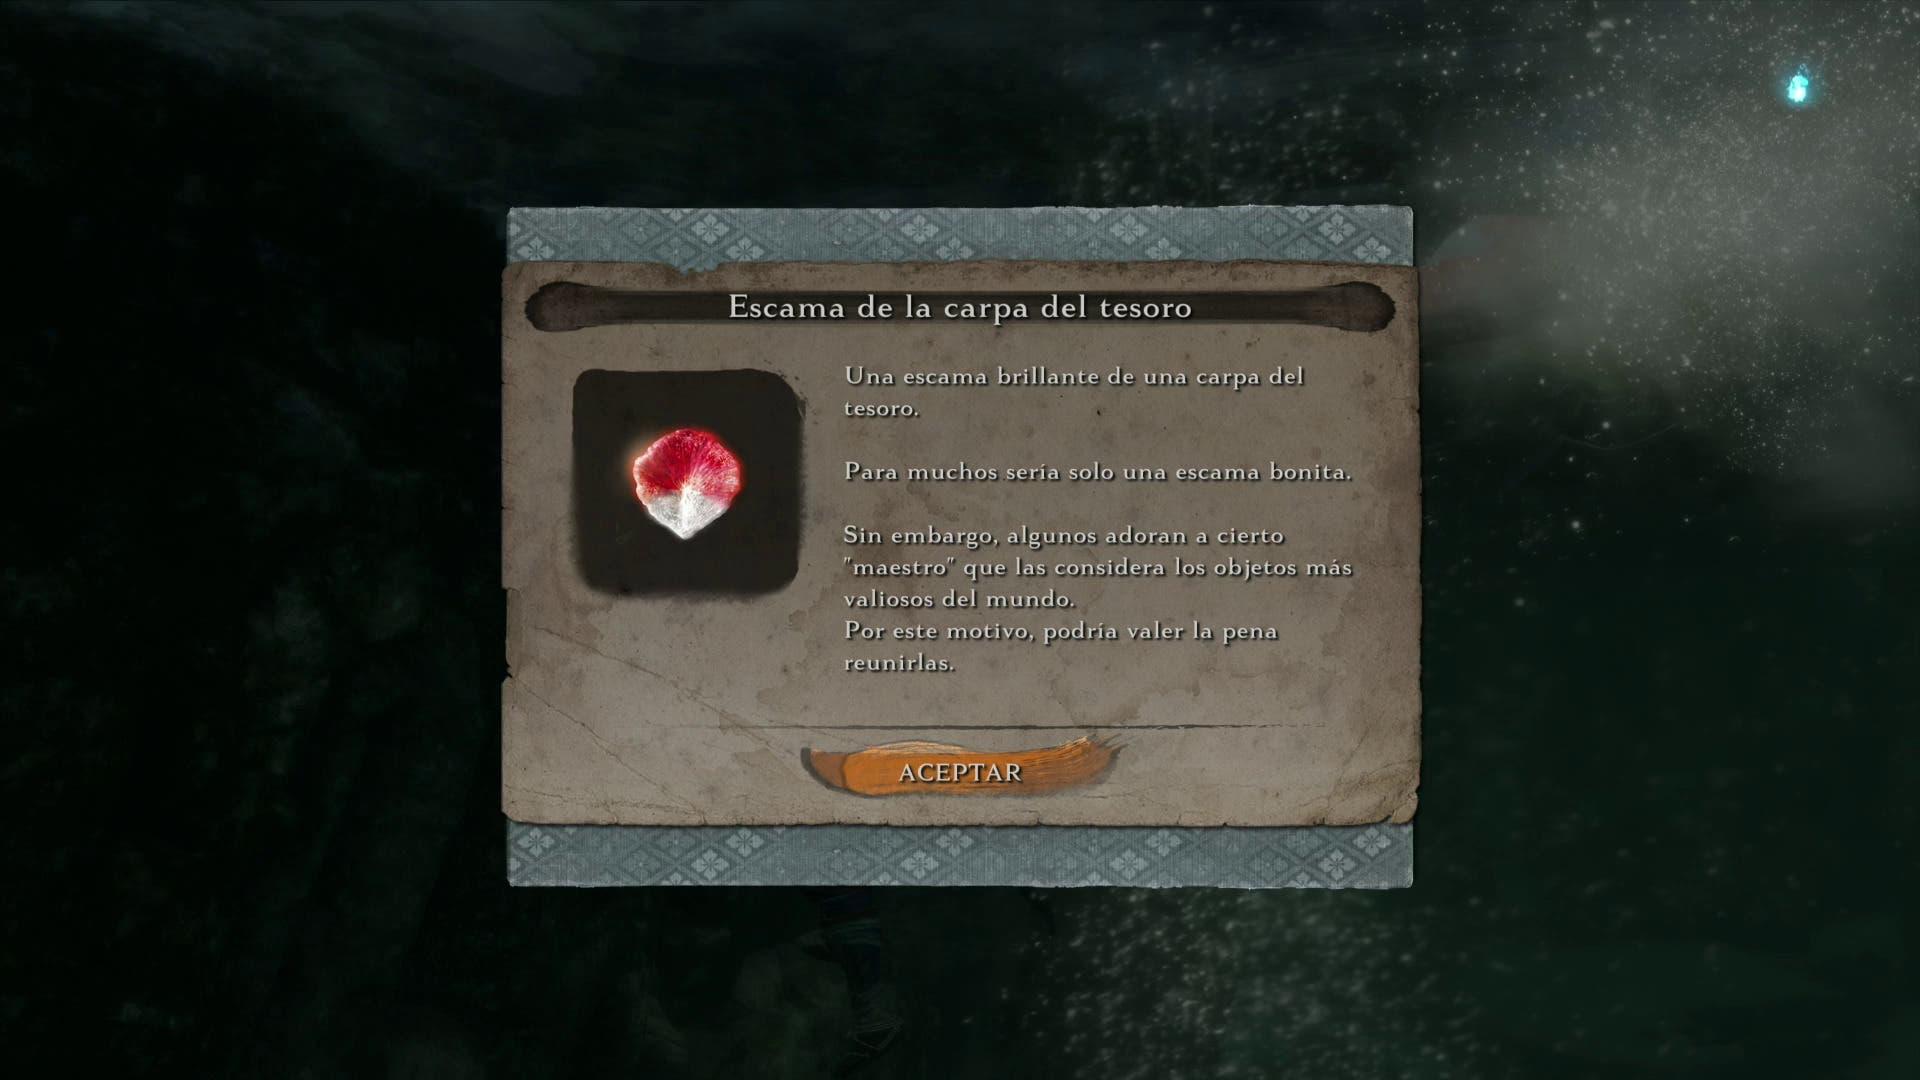 Imagen de Sekiro Shadows Die Twice - Guía localización Escamas de la carpa del tesoro